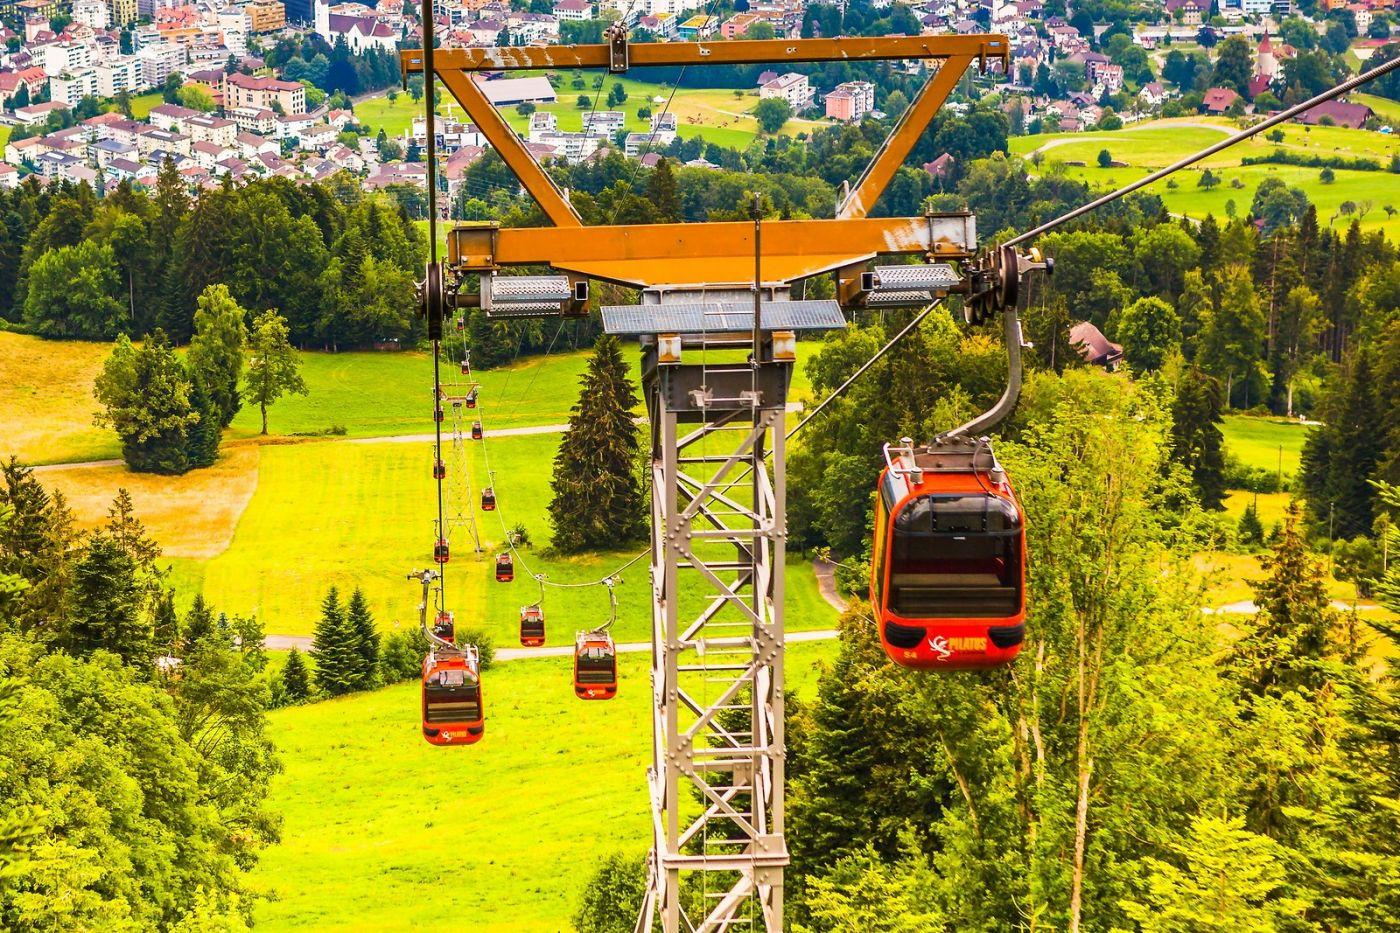 瑞士卢塞恩(Lucerne),坐缆车看风景_图1-15